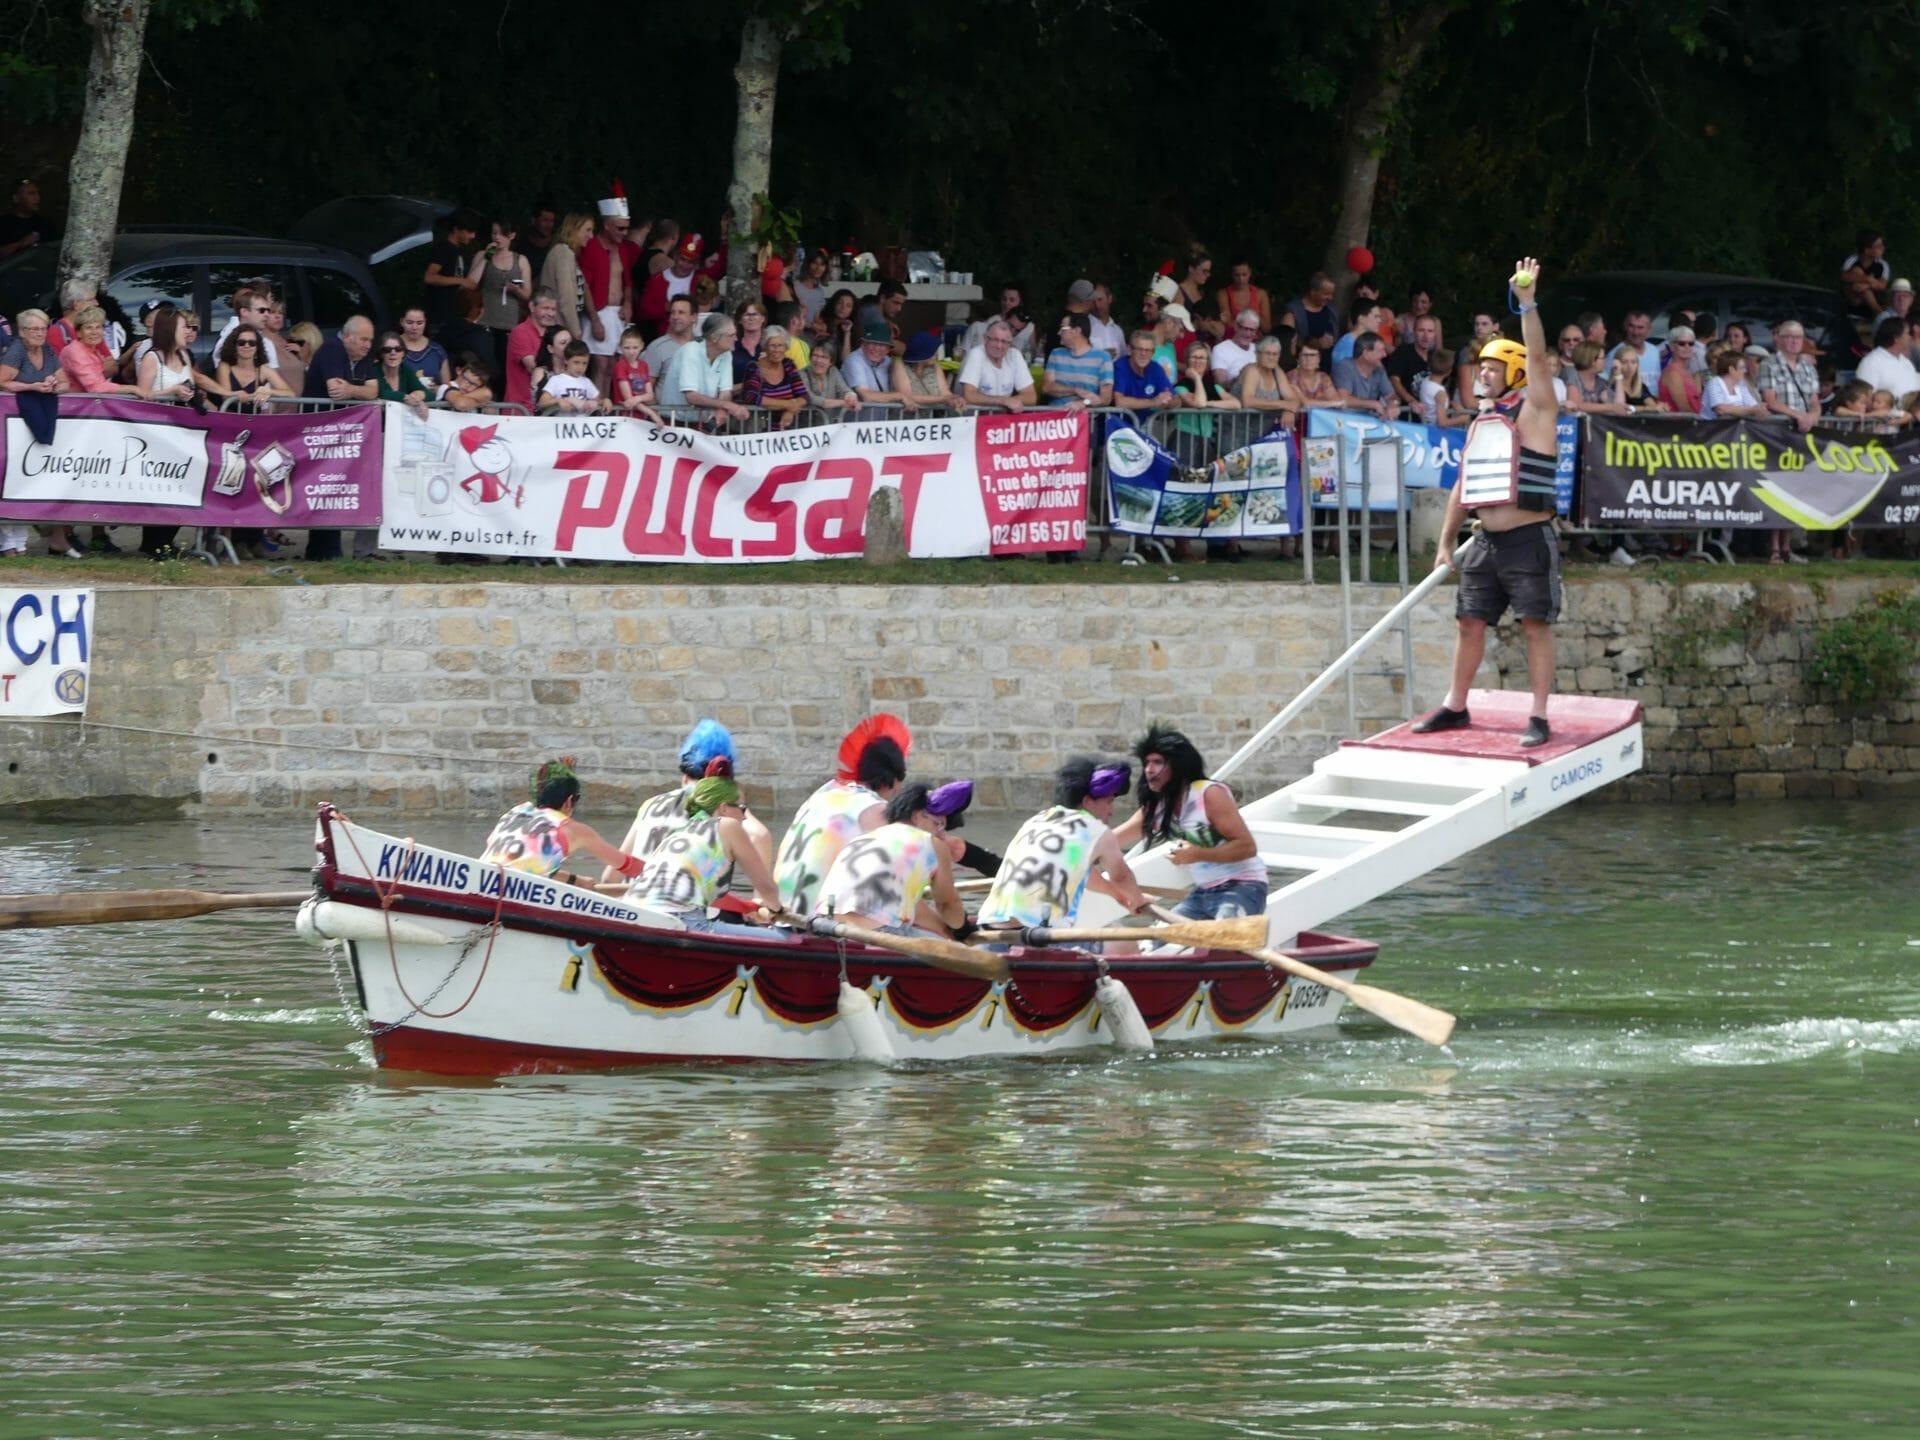 Joutes nautiques du Loch à Auray, 1er août 2021